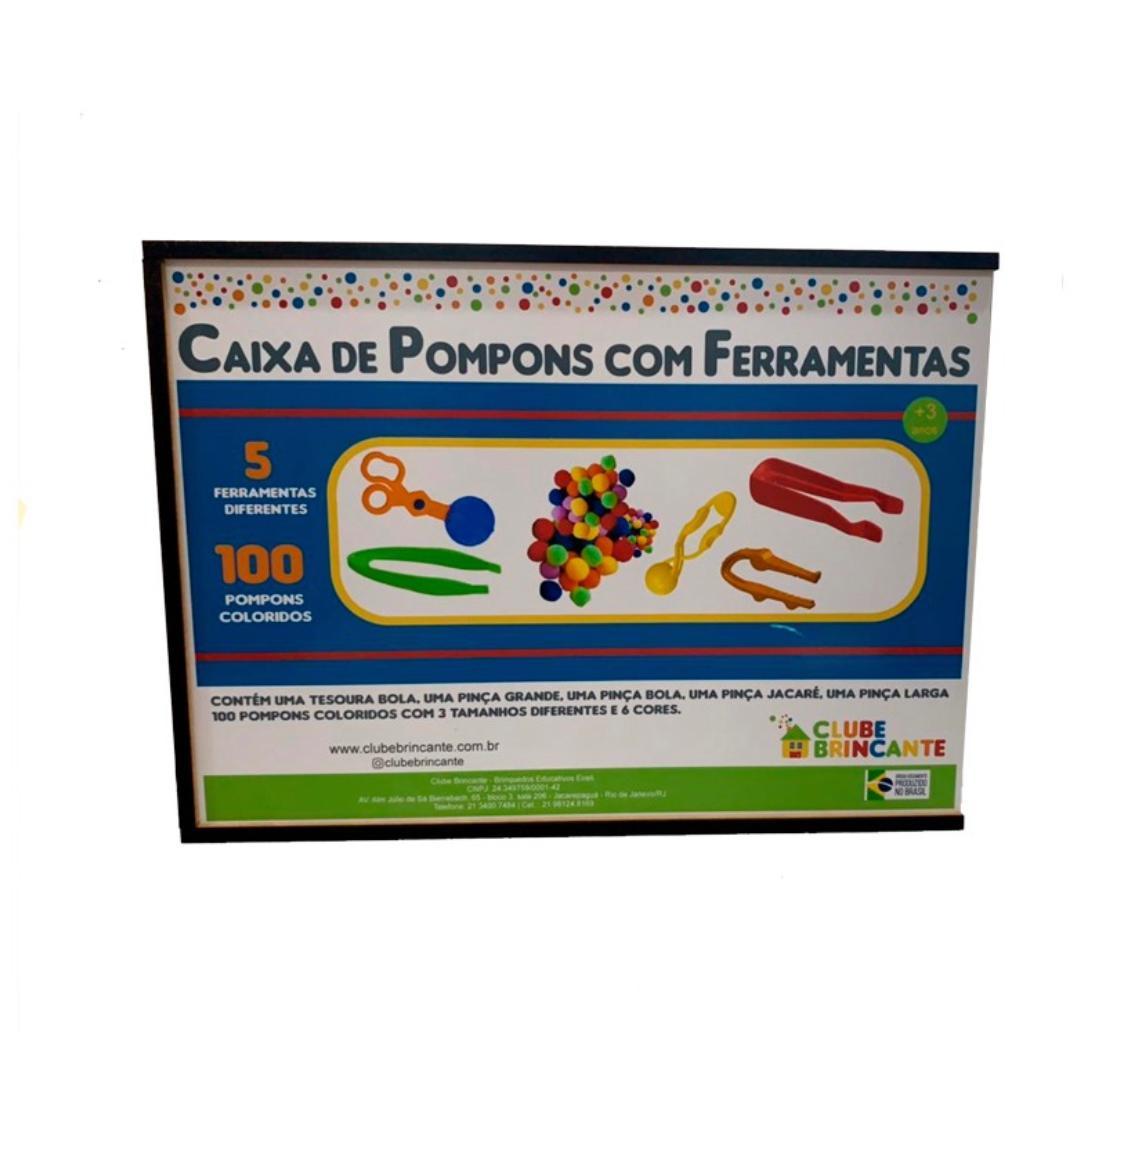 CAIXA DE POMPONS COM FERRAMENTAS